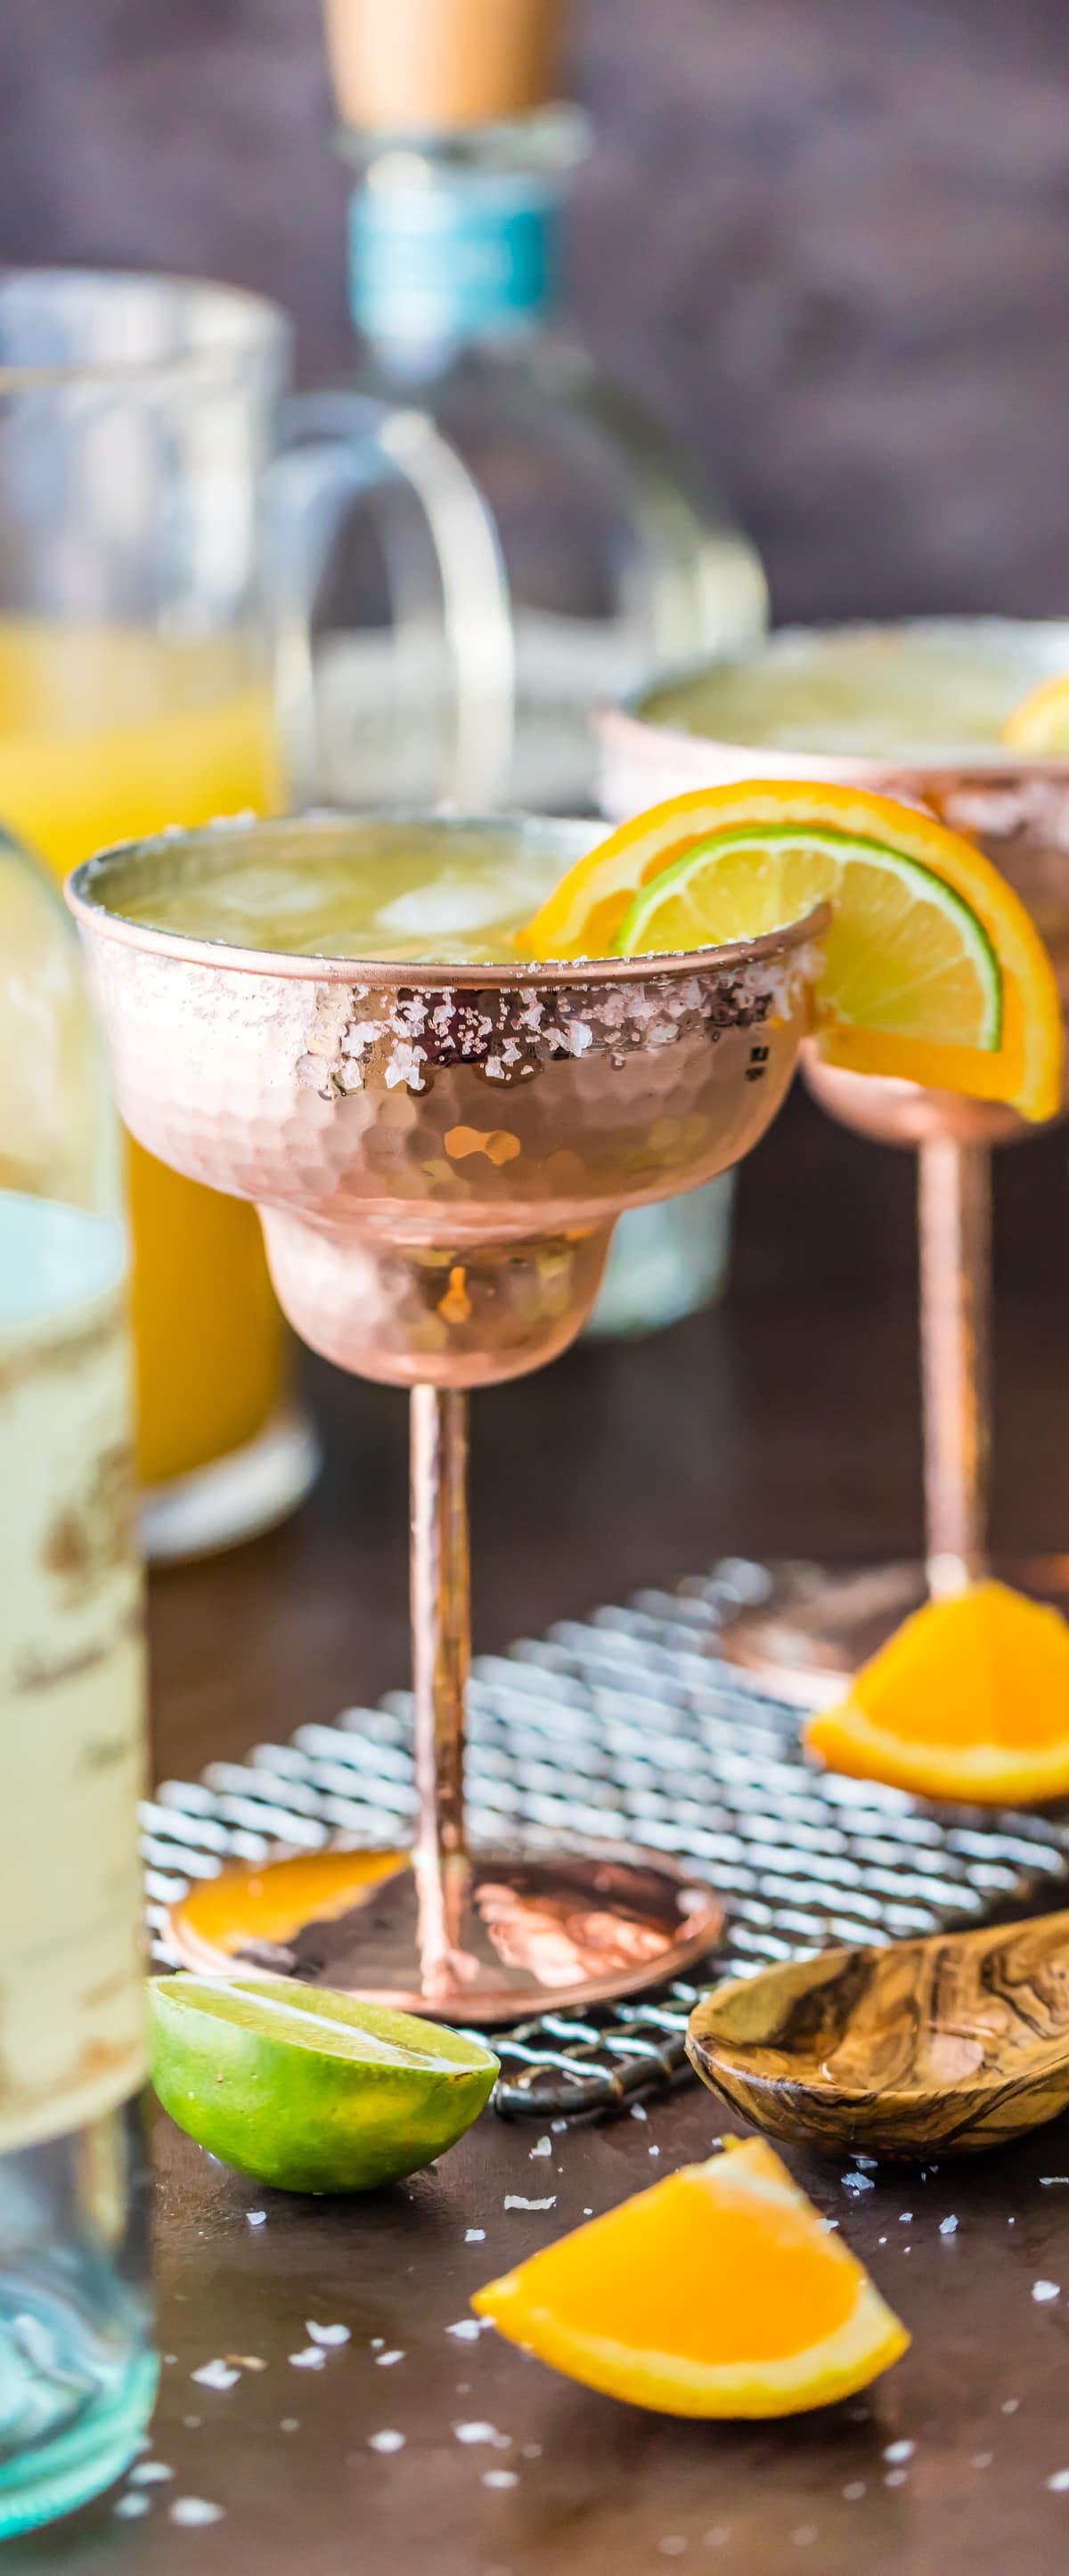 ¡Saludos con una MARGARITA DE VINO BLANCO! Esta receta fácil para Margaritas de vino blanco para una multitud hace un lanzador rápido de las mejores margaritas, ¡simple y refrescante!